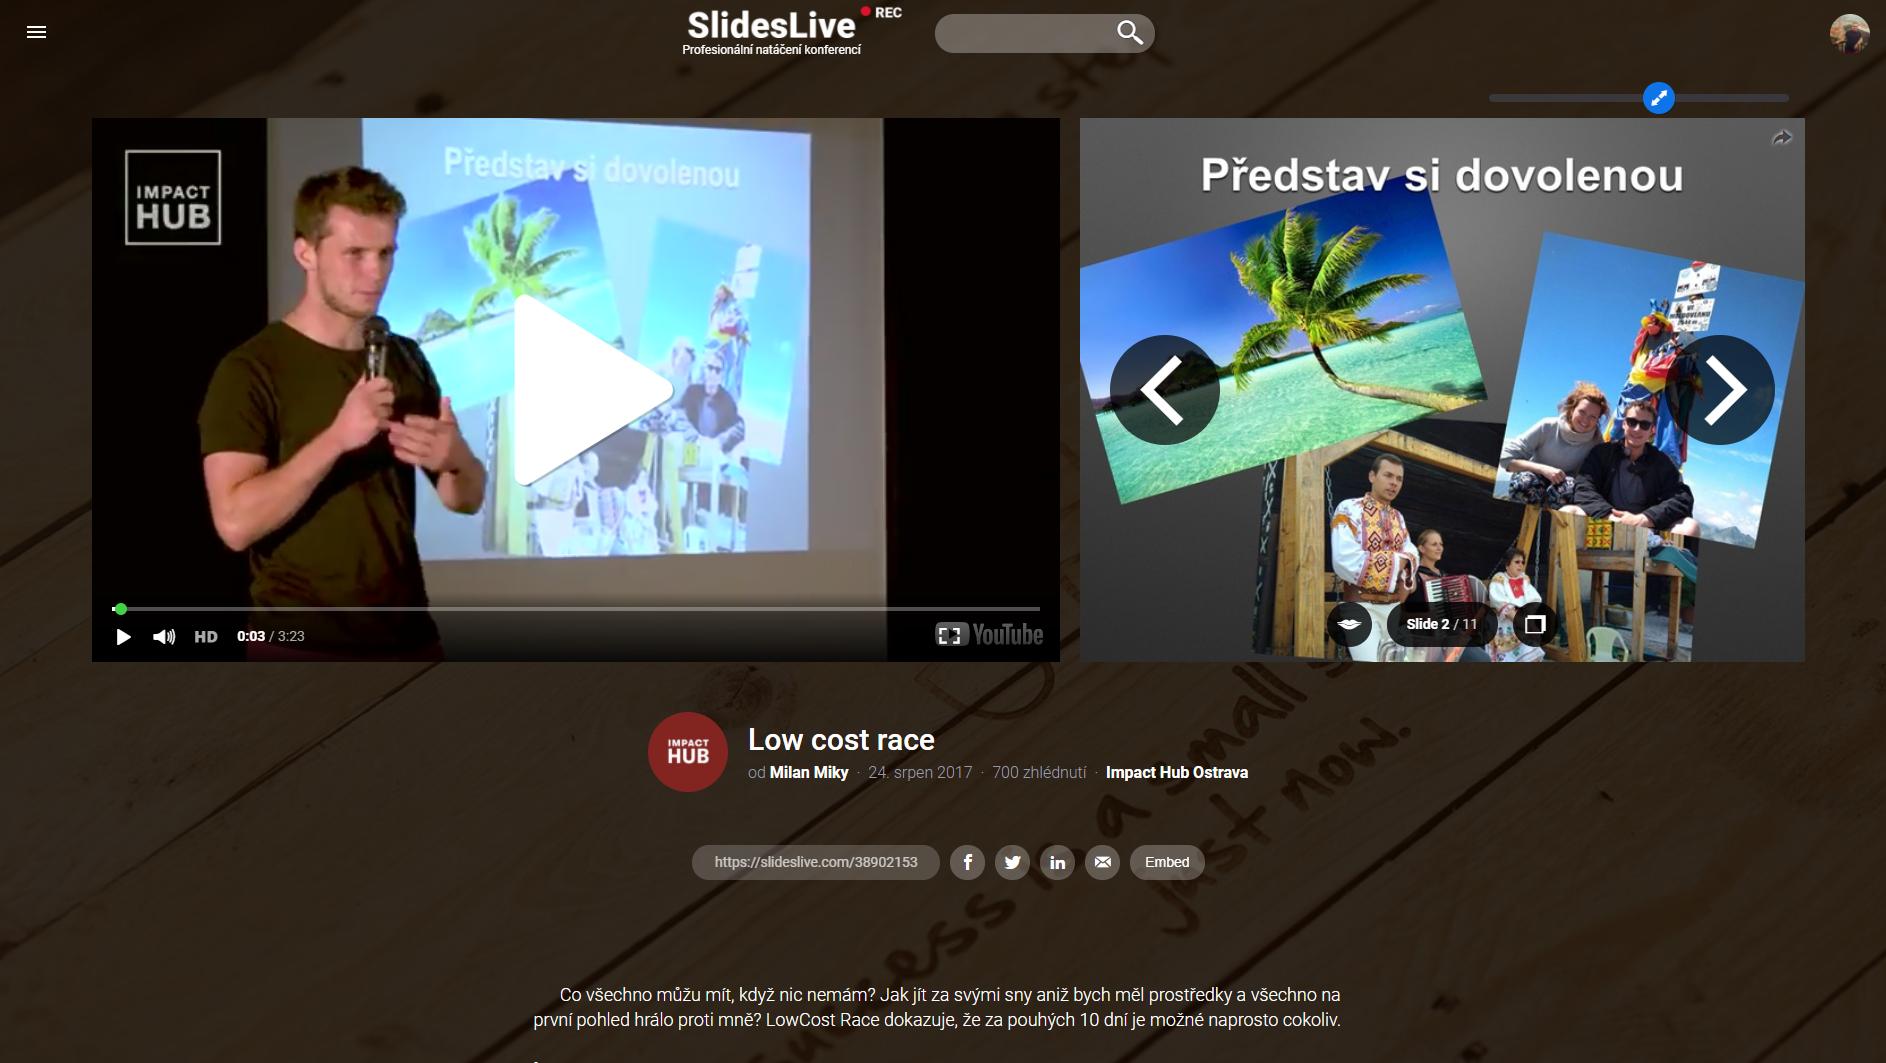 SlidesLive_3.PNG